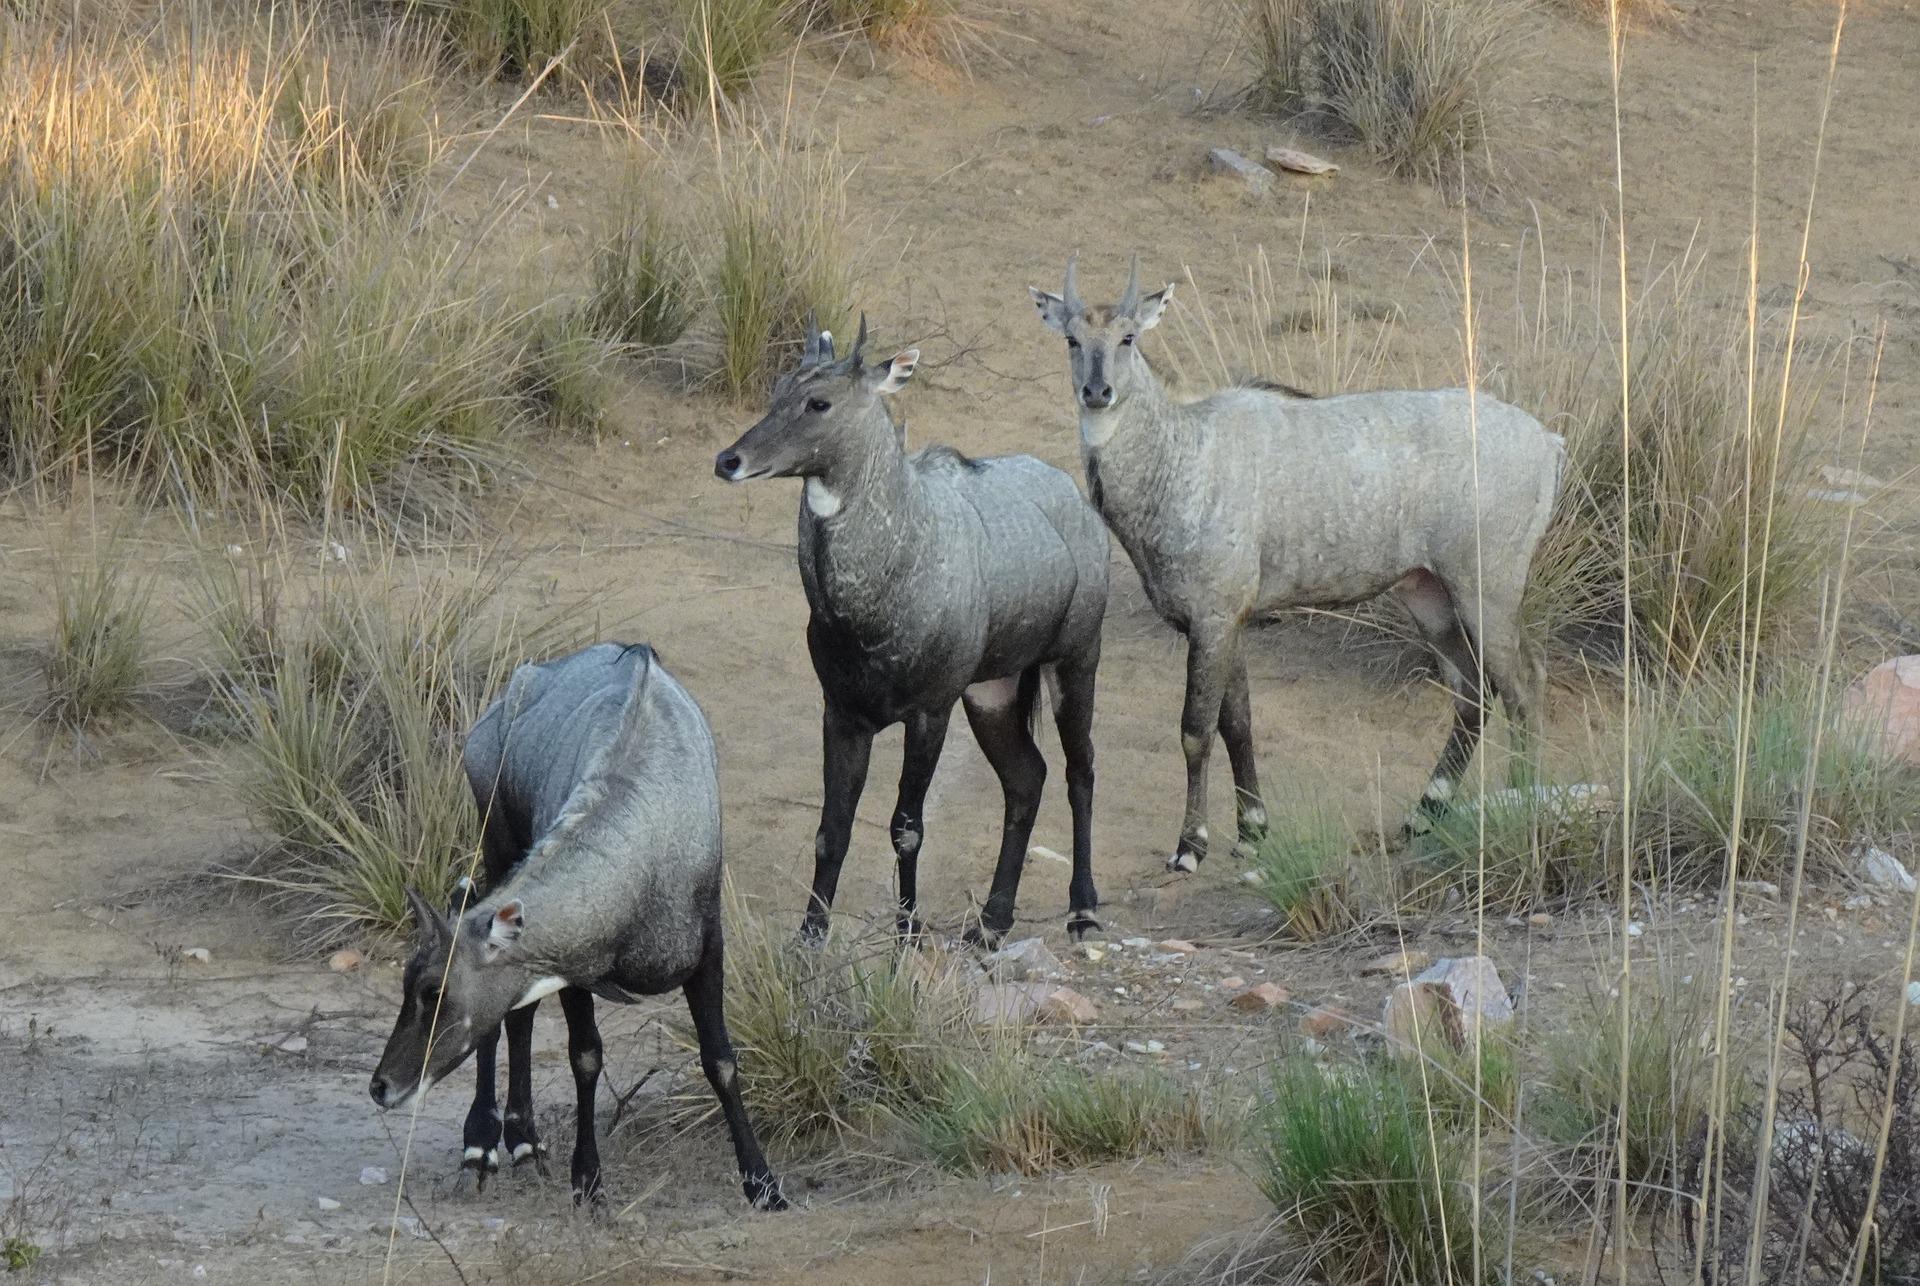 Antelope India